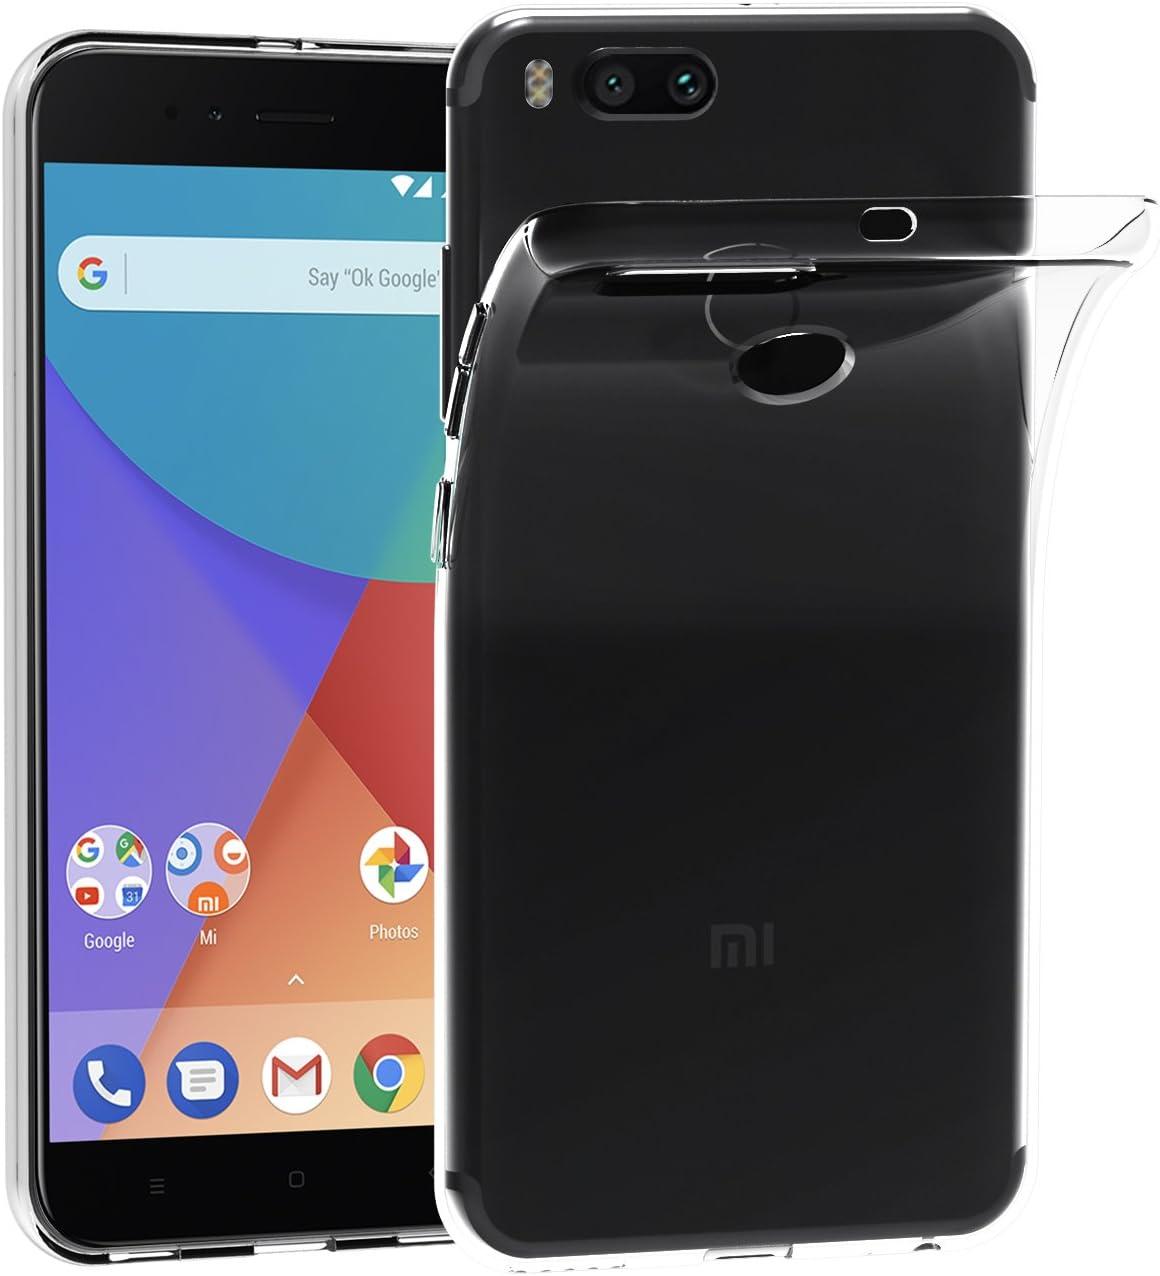 Funda Xiaomi Mi A1 / Xiaomi Mi 5X, iVoler Slim Funda Carcasa Case Bumper con Absorción de Impactos y Anti-Arañazos Espalda Case Cover para Xiaomi Mi 5X / Xiaomi Mi A1 - Transparente